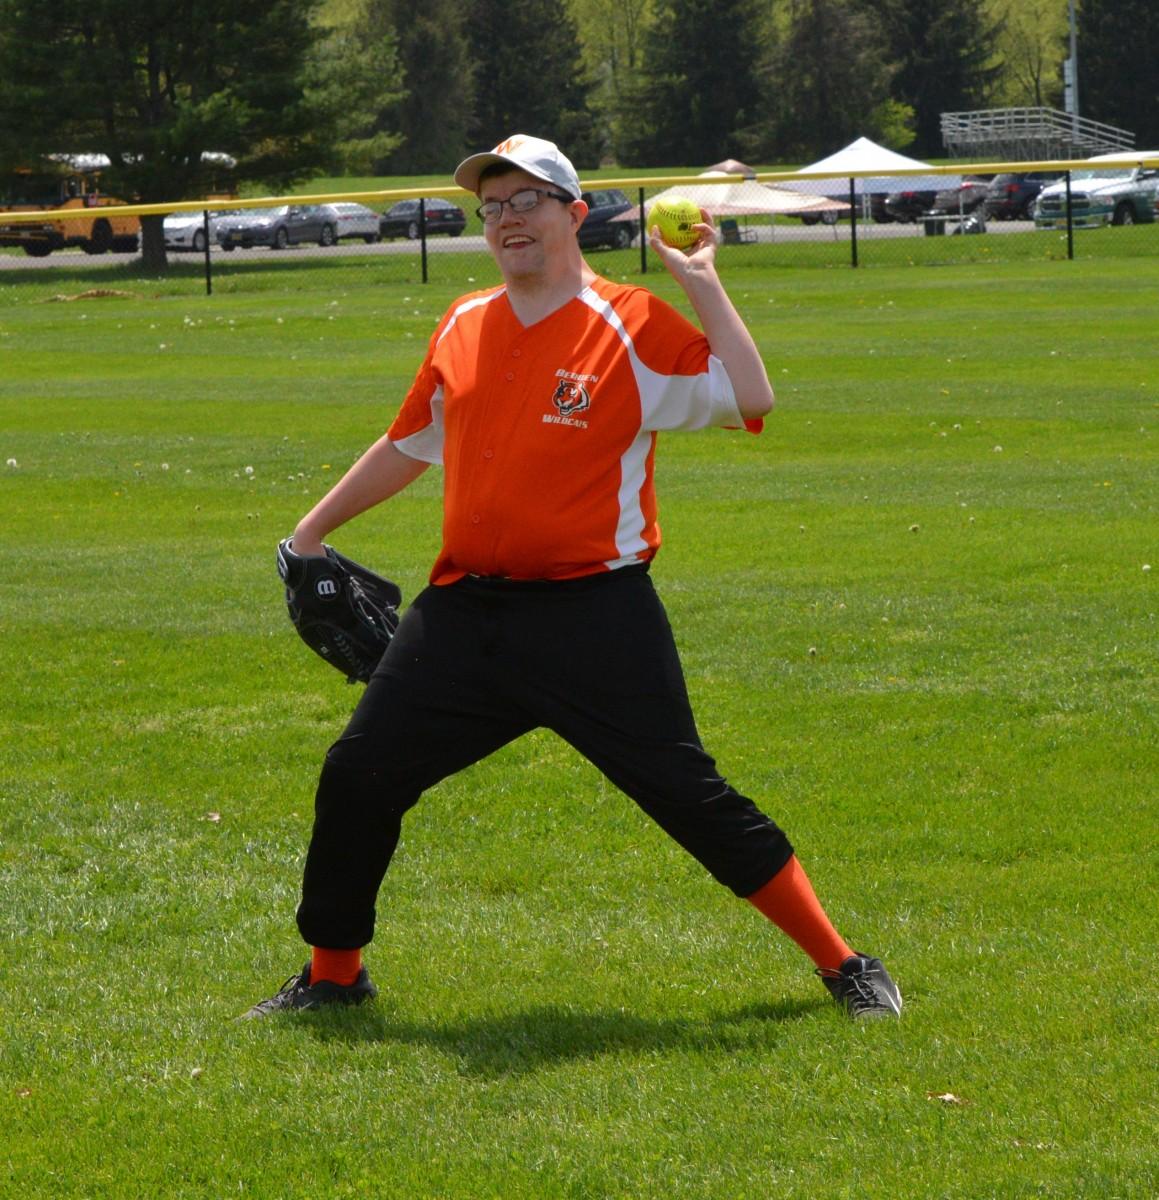 2018-05-05-Wildcats-softball-game-2-158